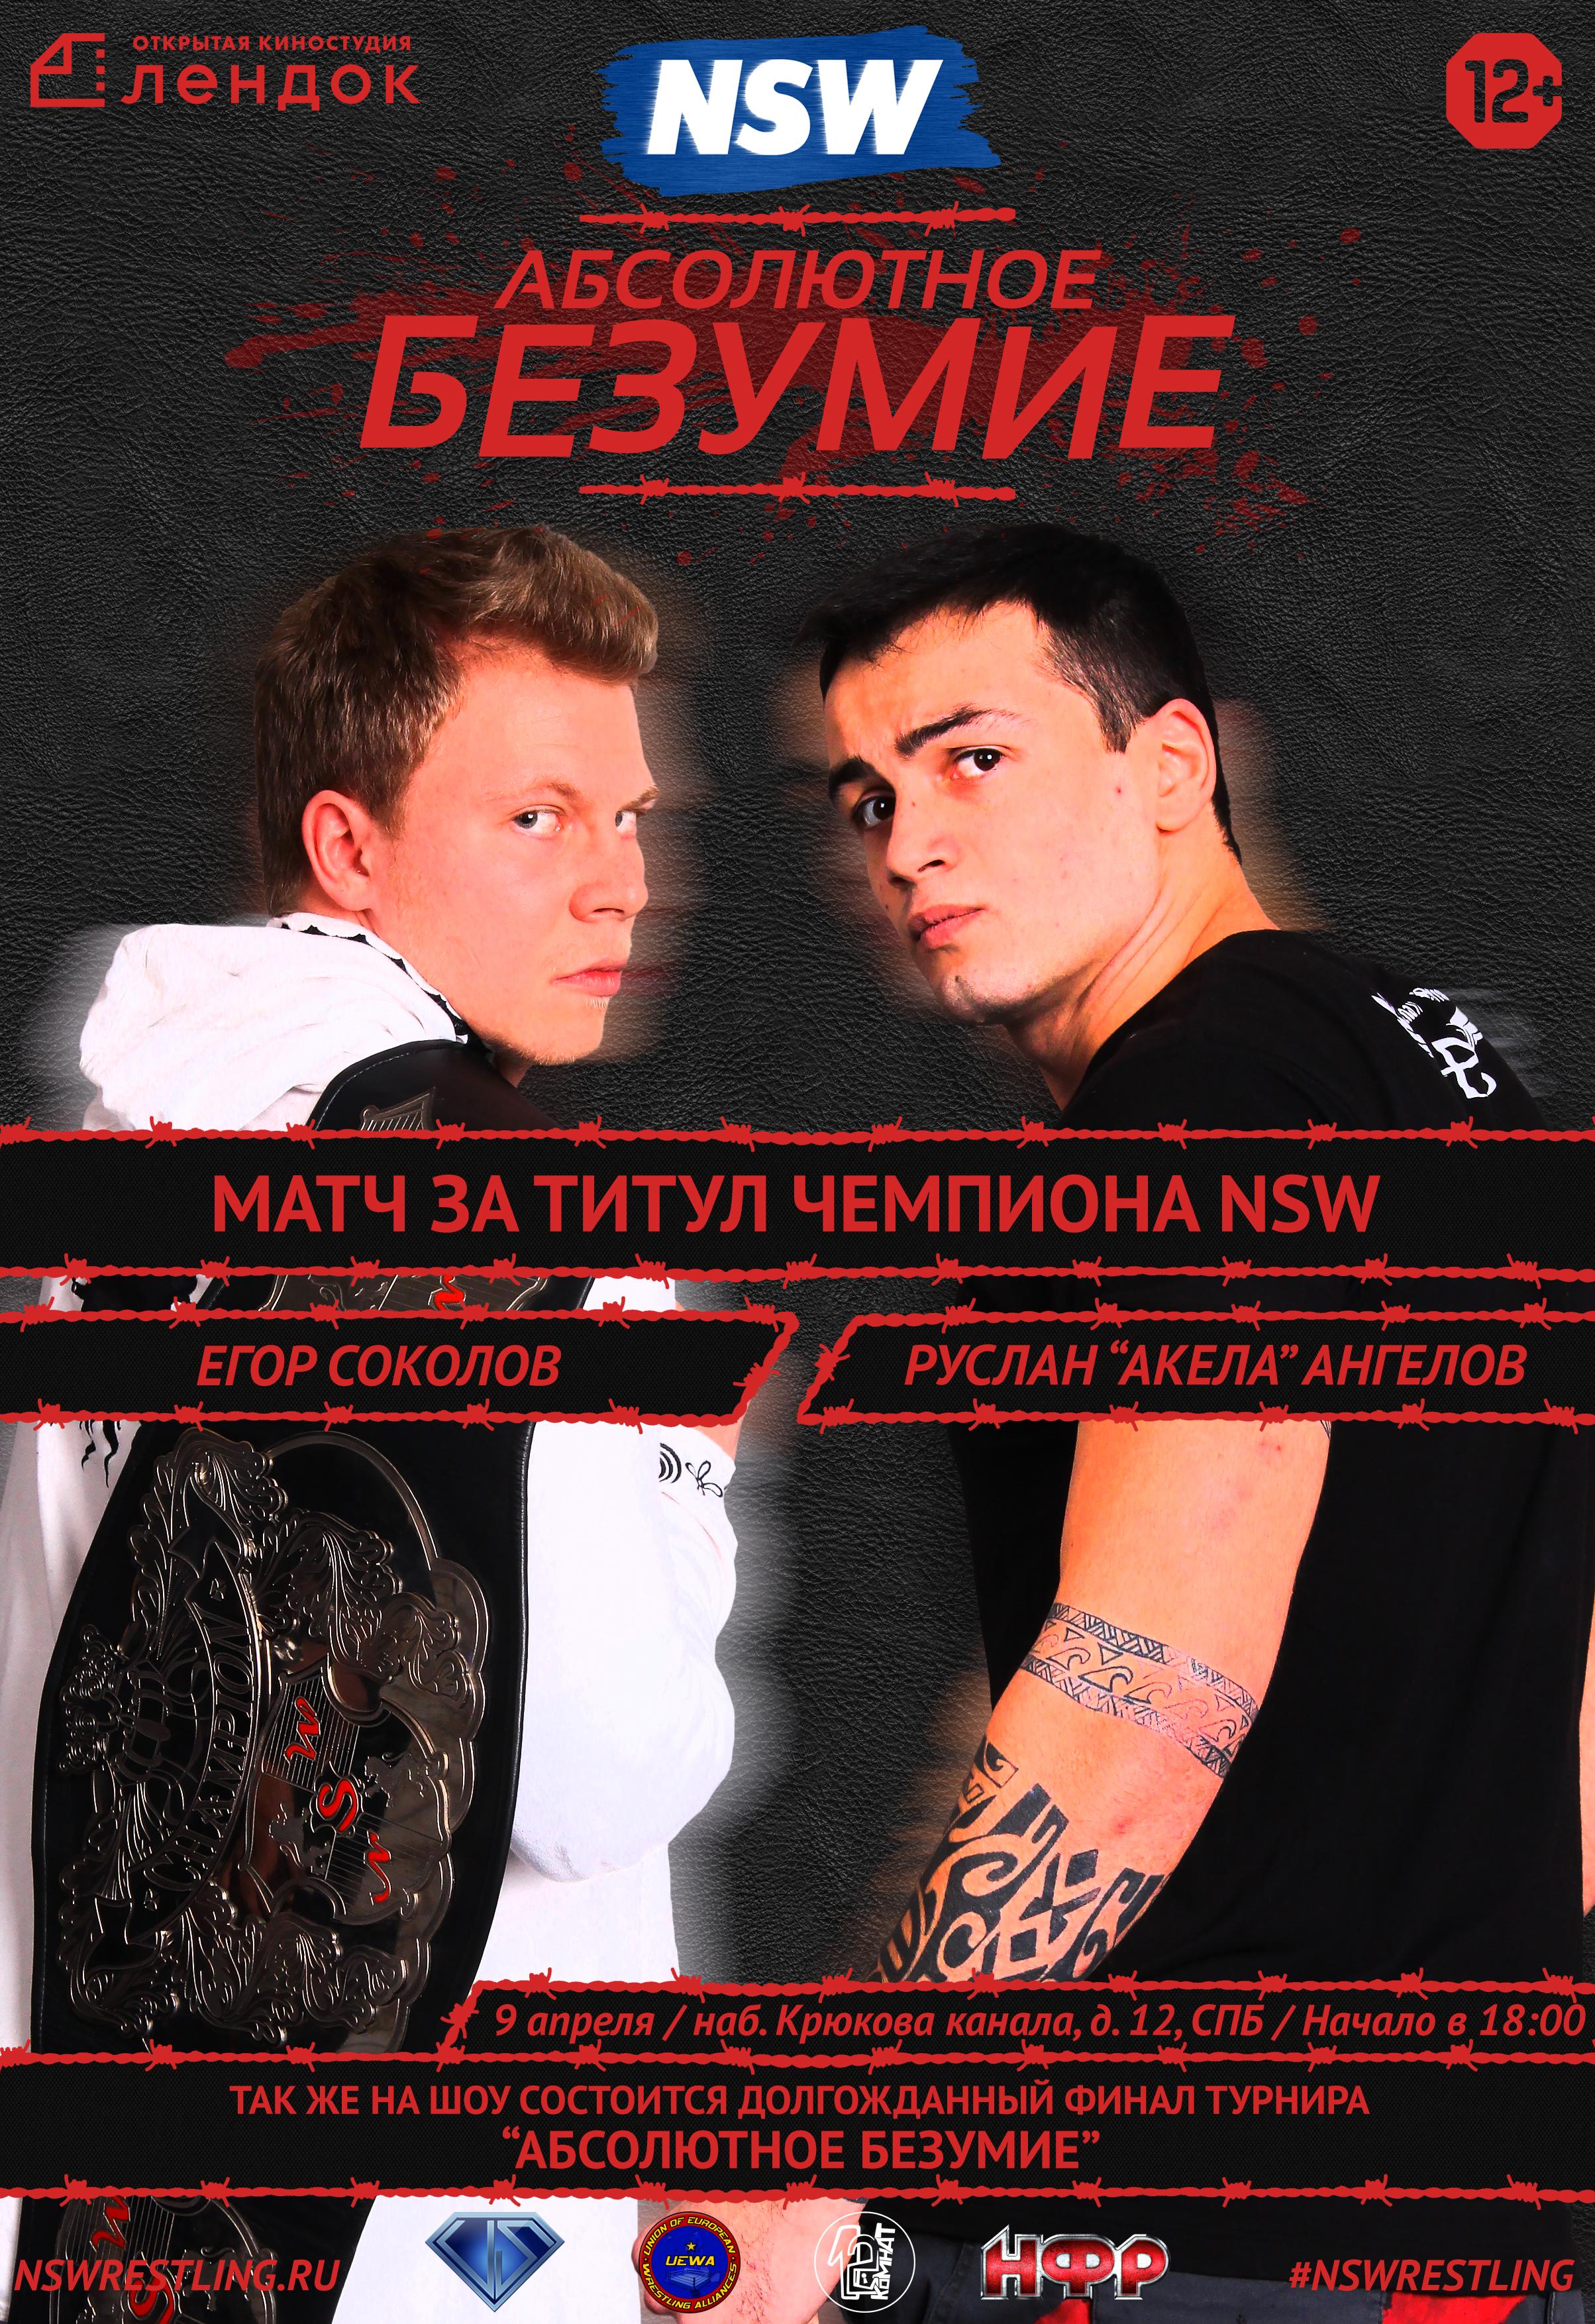 Постер NSW Абсолютное Безумие 2016